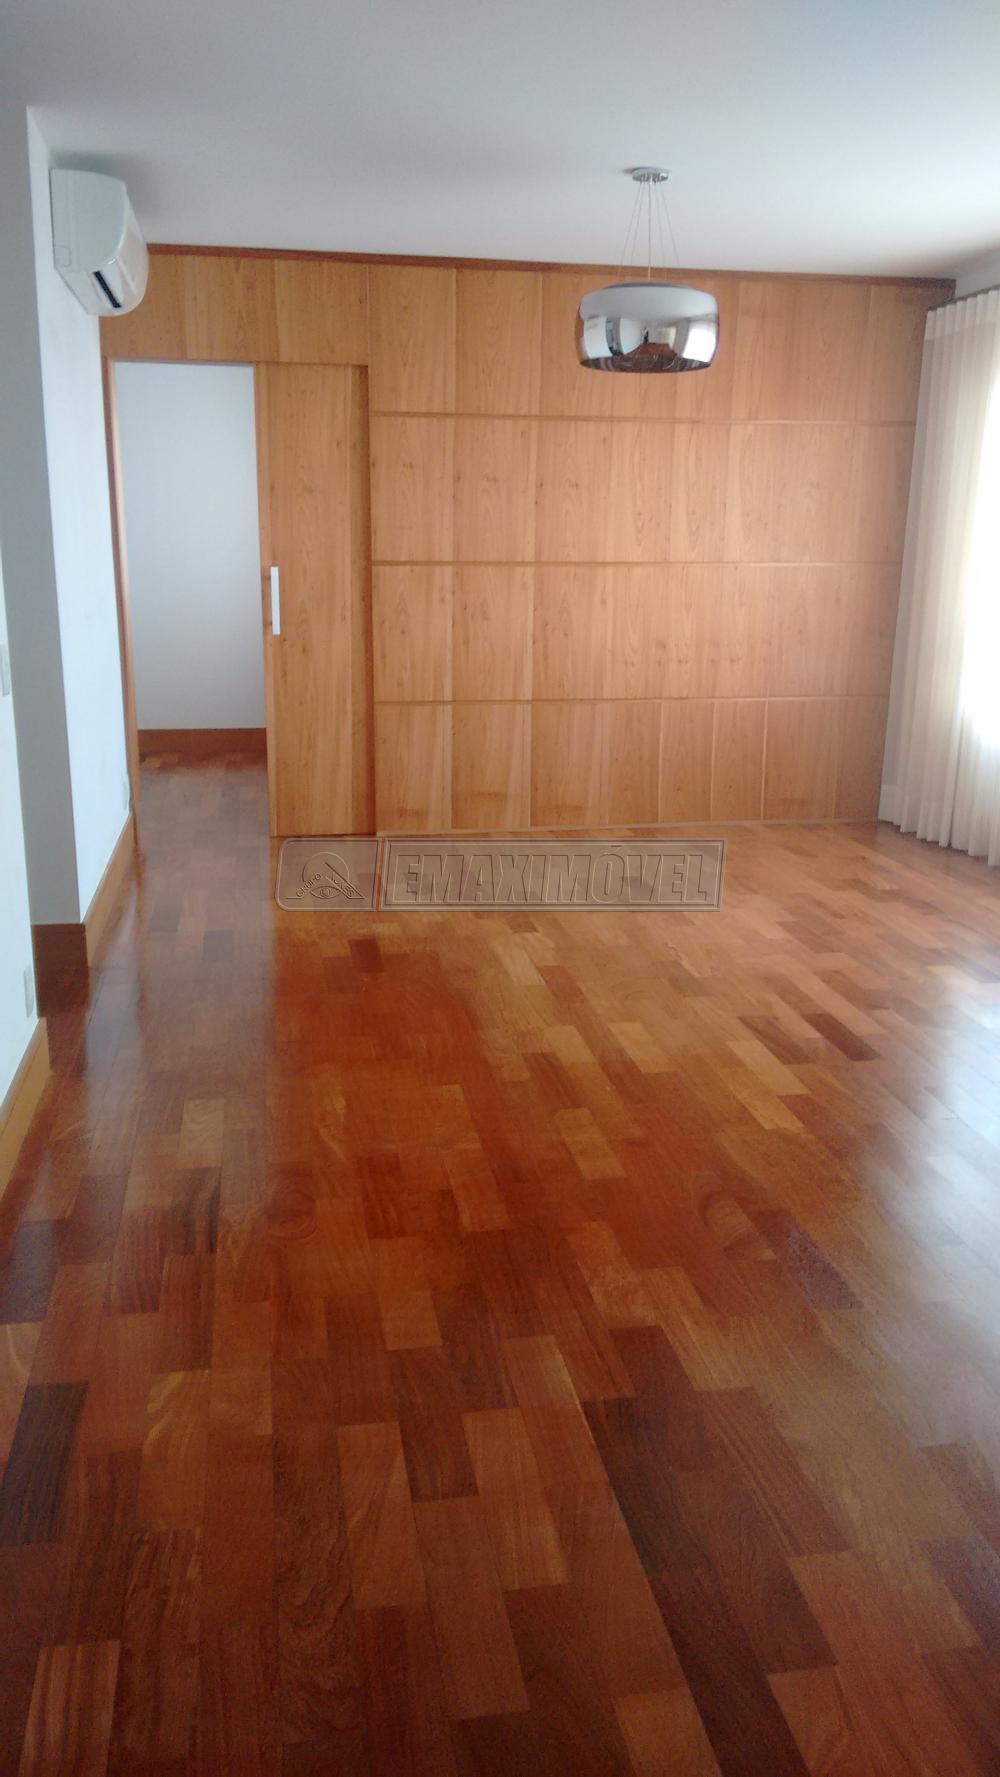 Comprar Apartamentos / Apto Padrão em Sorocaba apenas R$ 1.400.000,00 - Foto 8